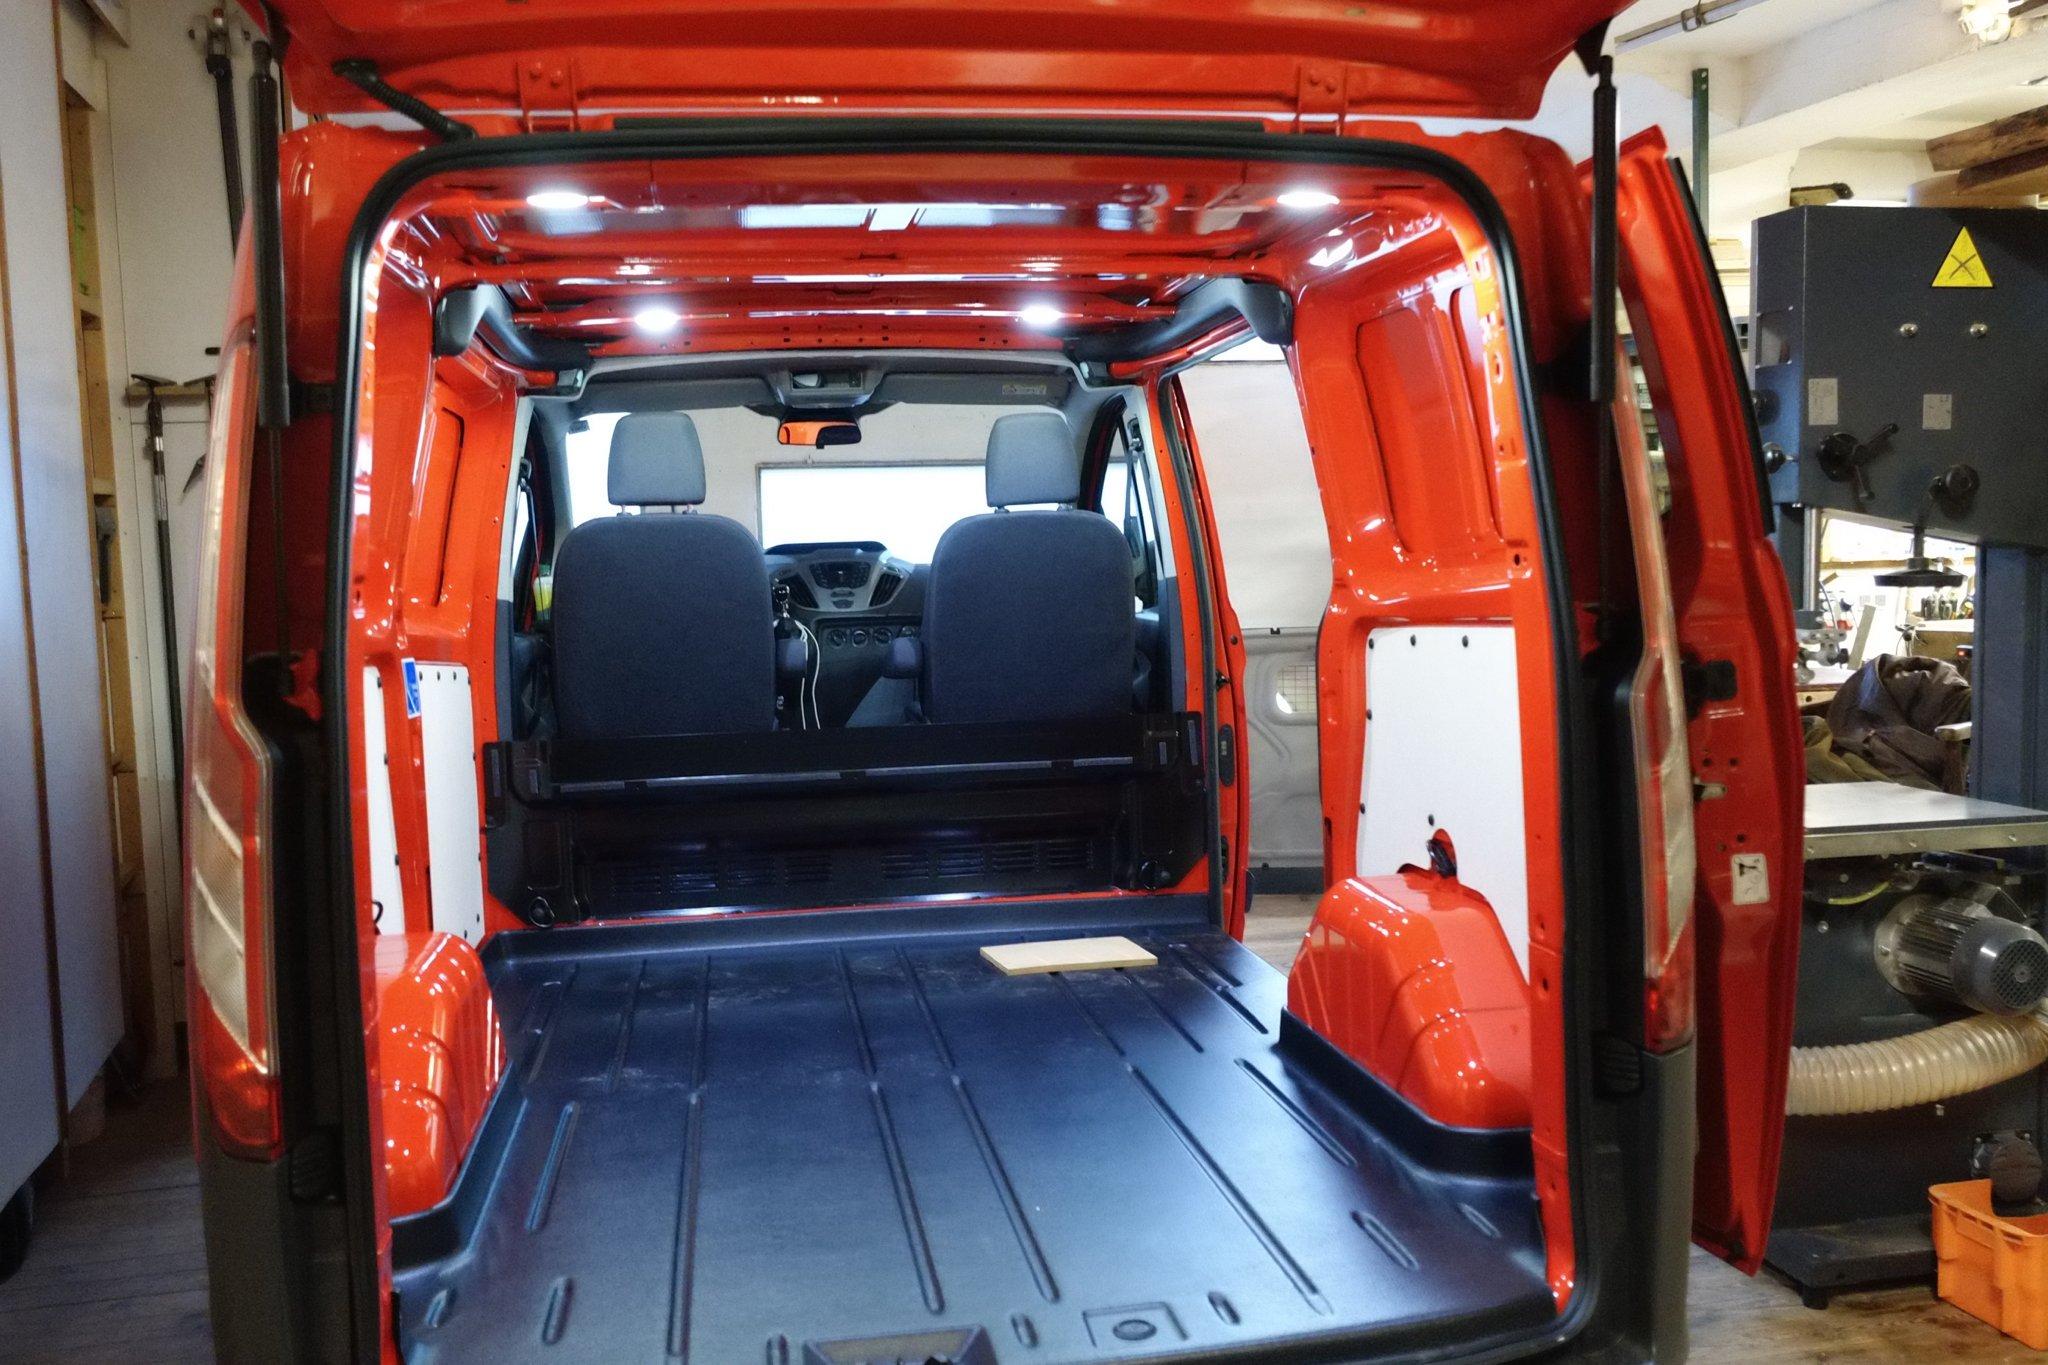 Unser Walzmobil Matilda wird ausgebaut. Anfangsstadium #meurers https://t.co/RjdJQFRj46